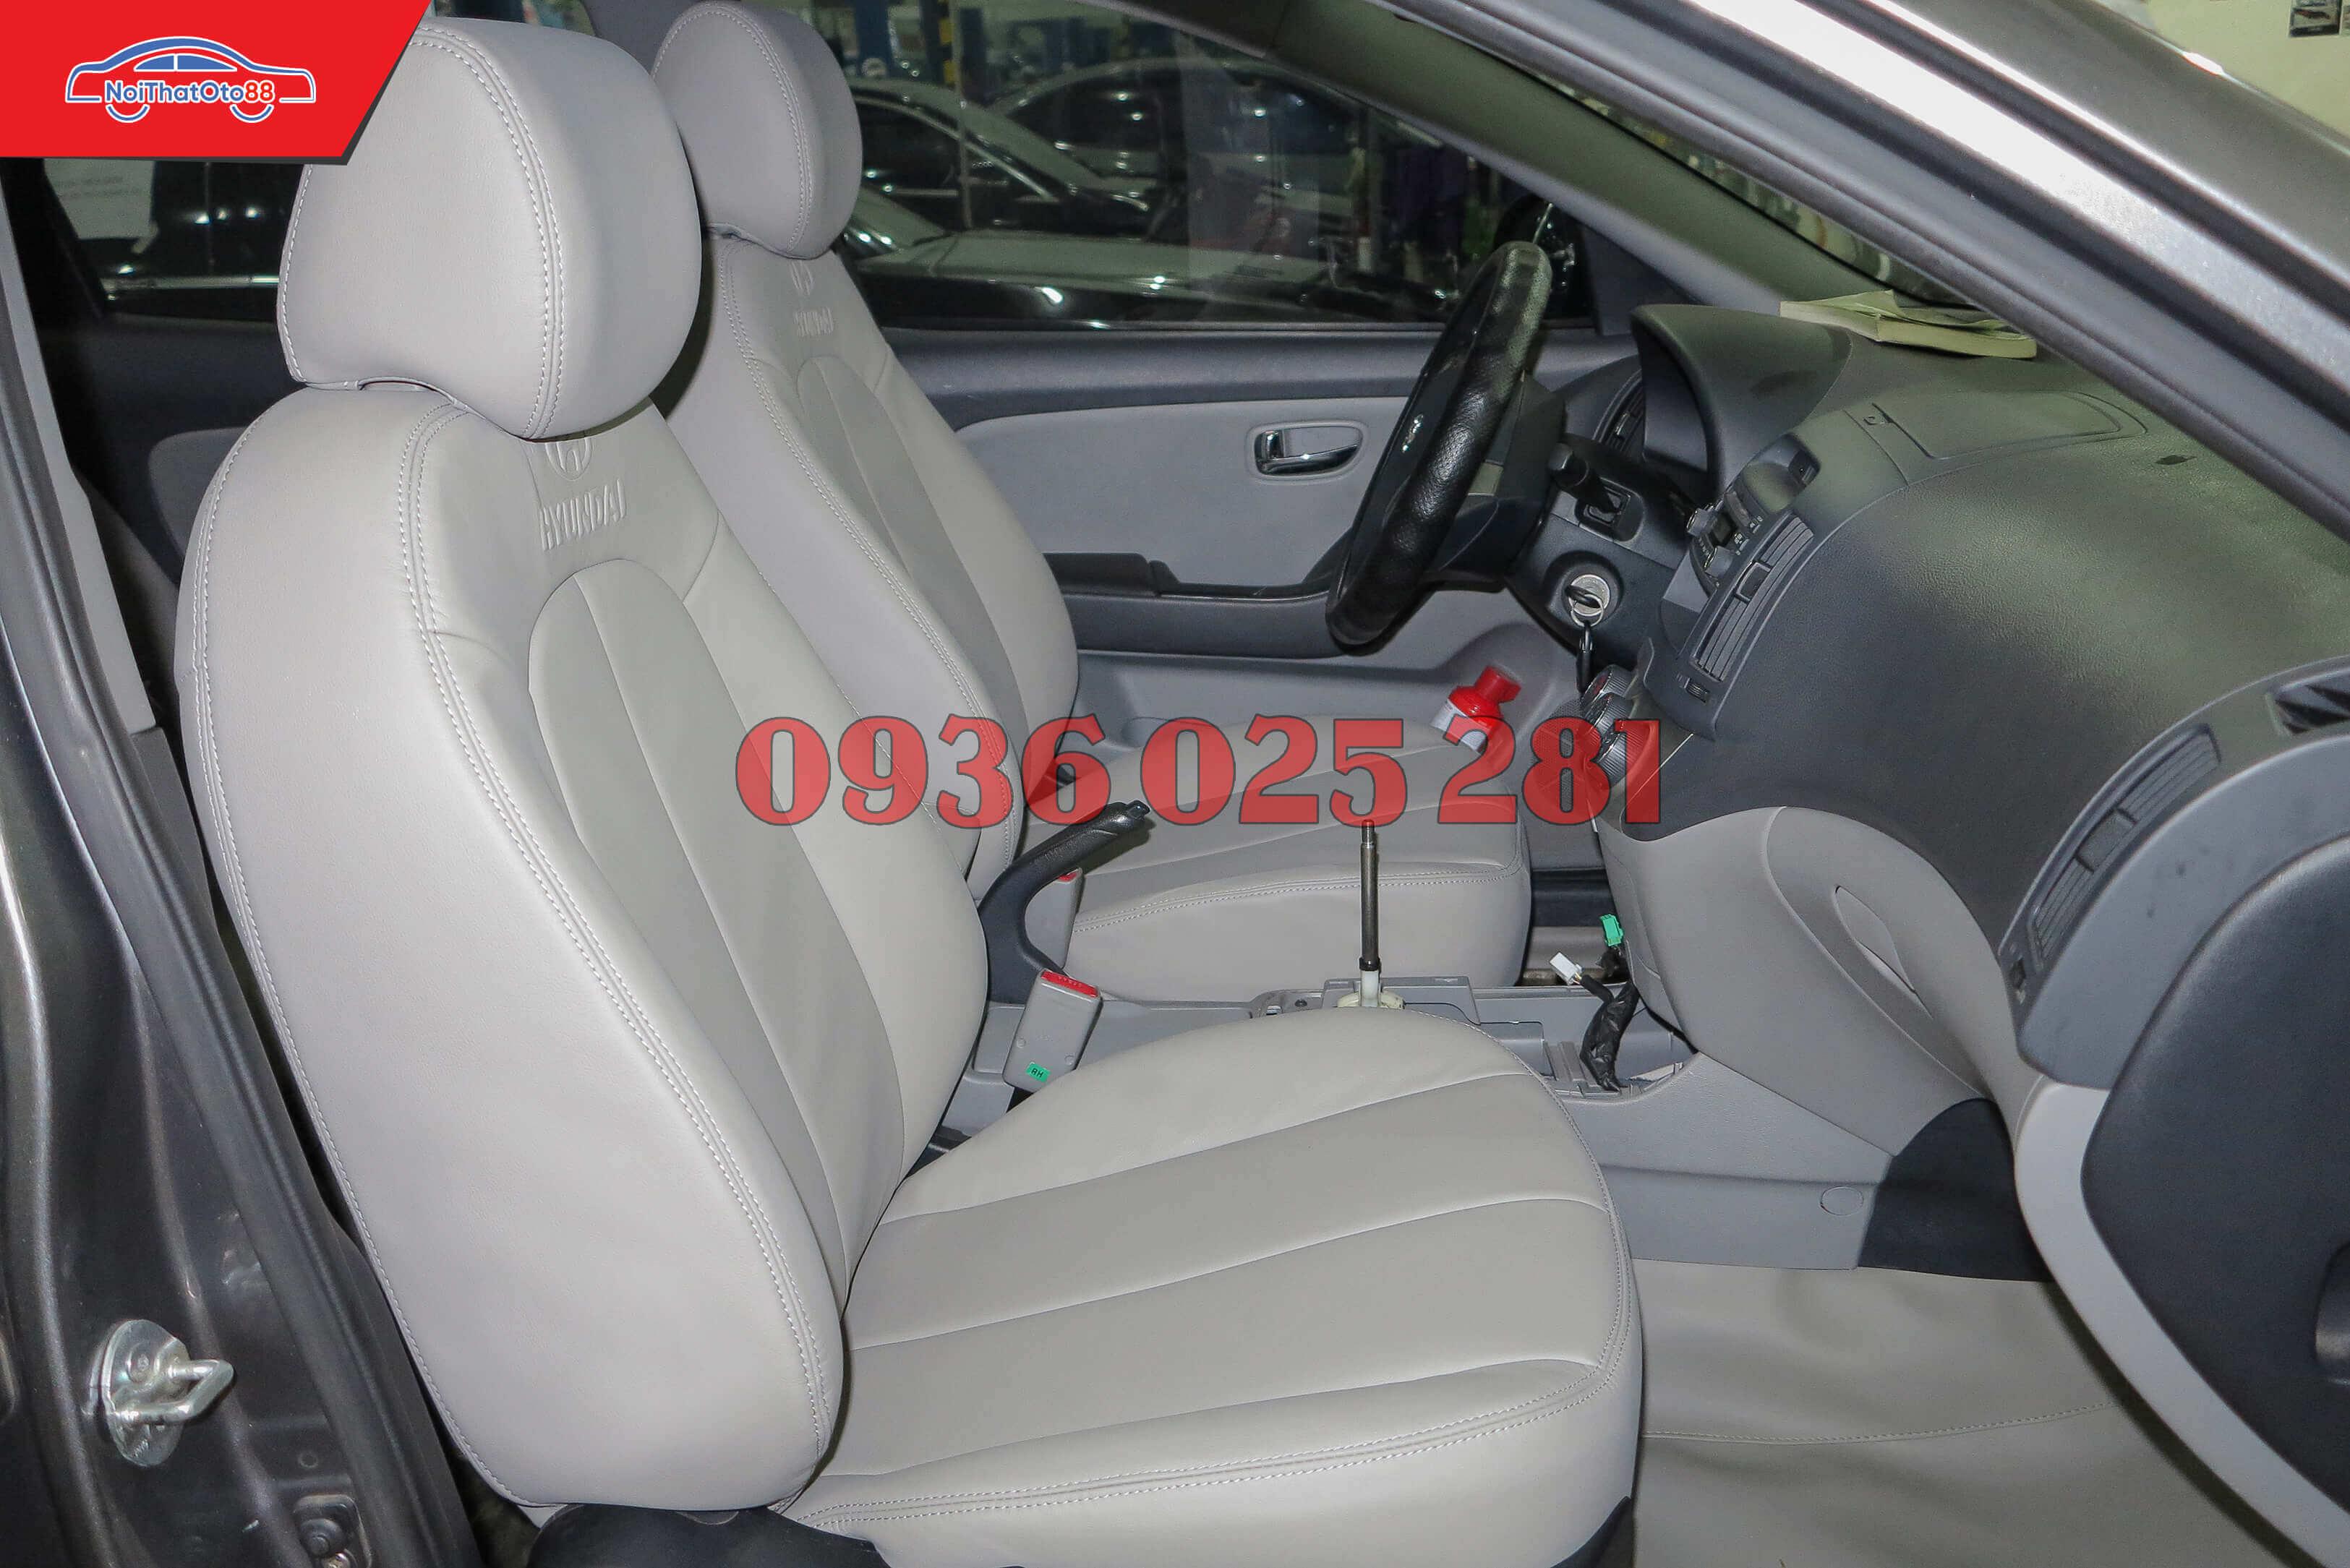 Bọc ghế da cho xe Hyundai Avante